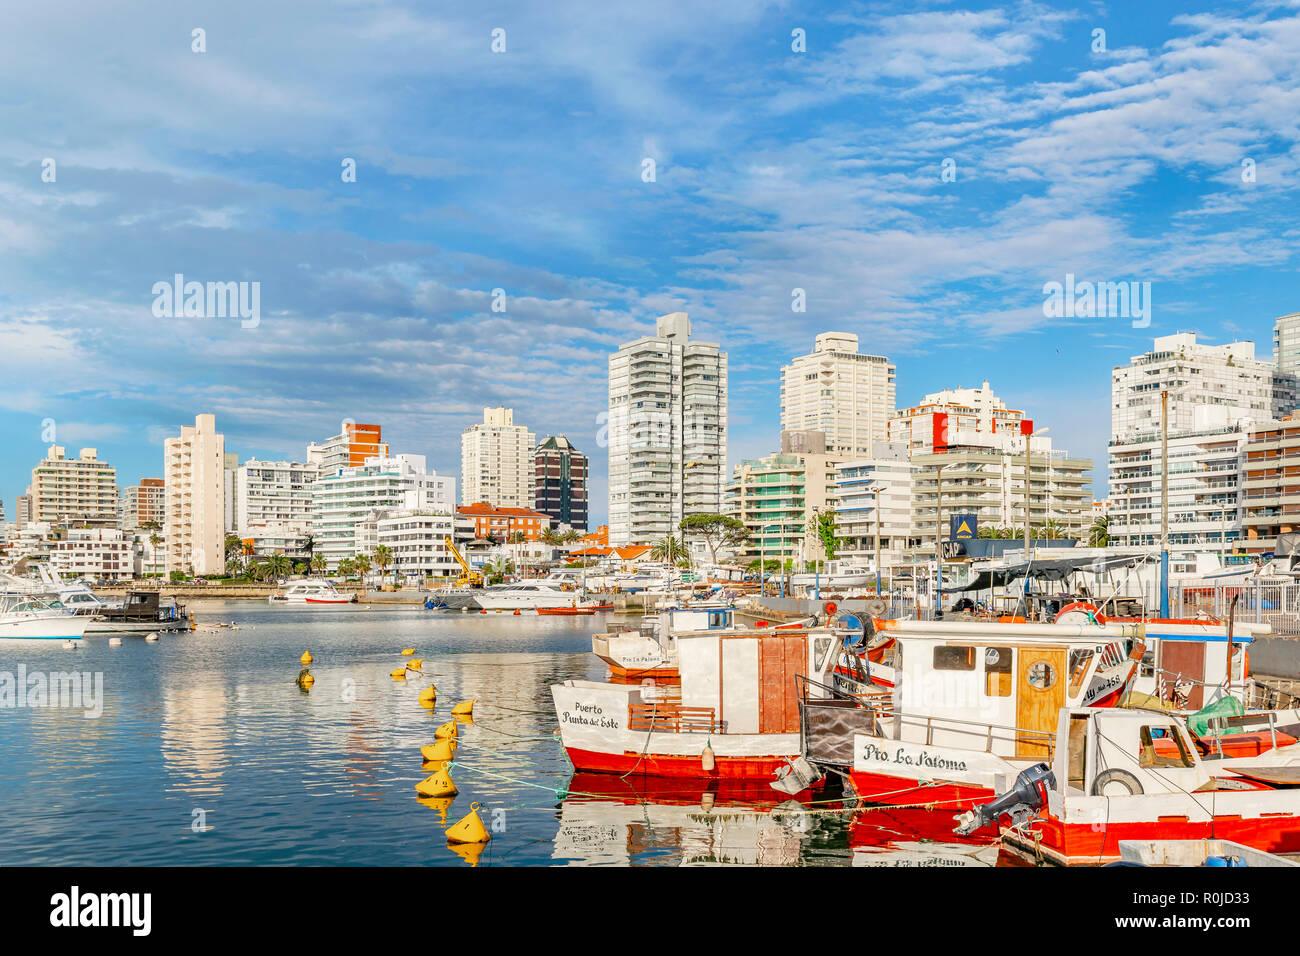 PUNTA DEL ESTE, URUGUAY, OCTOBER - 2018 - Cityscape scene at port in punta del este city, Uruguay - Stock Image